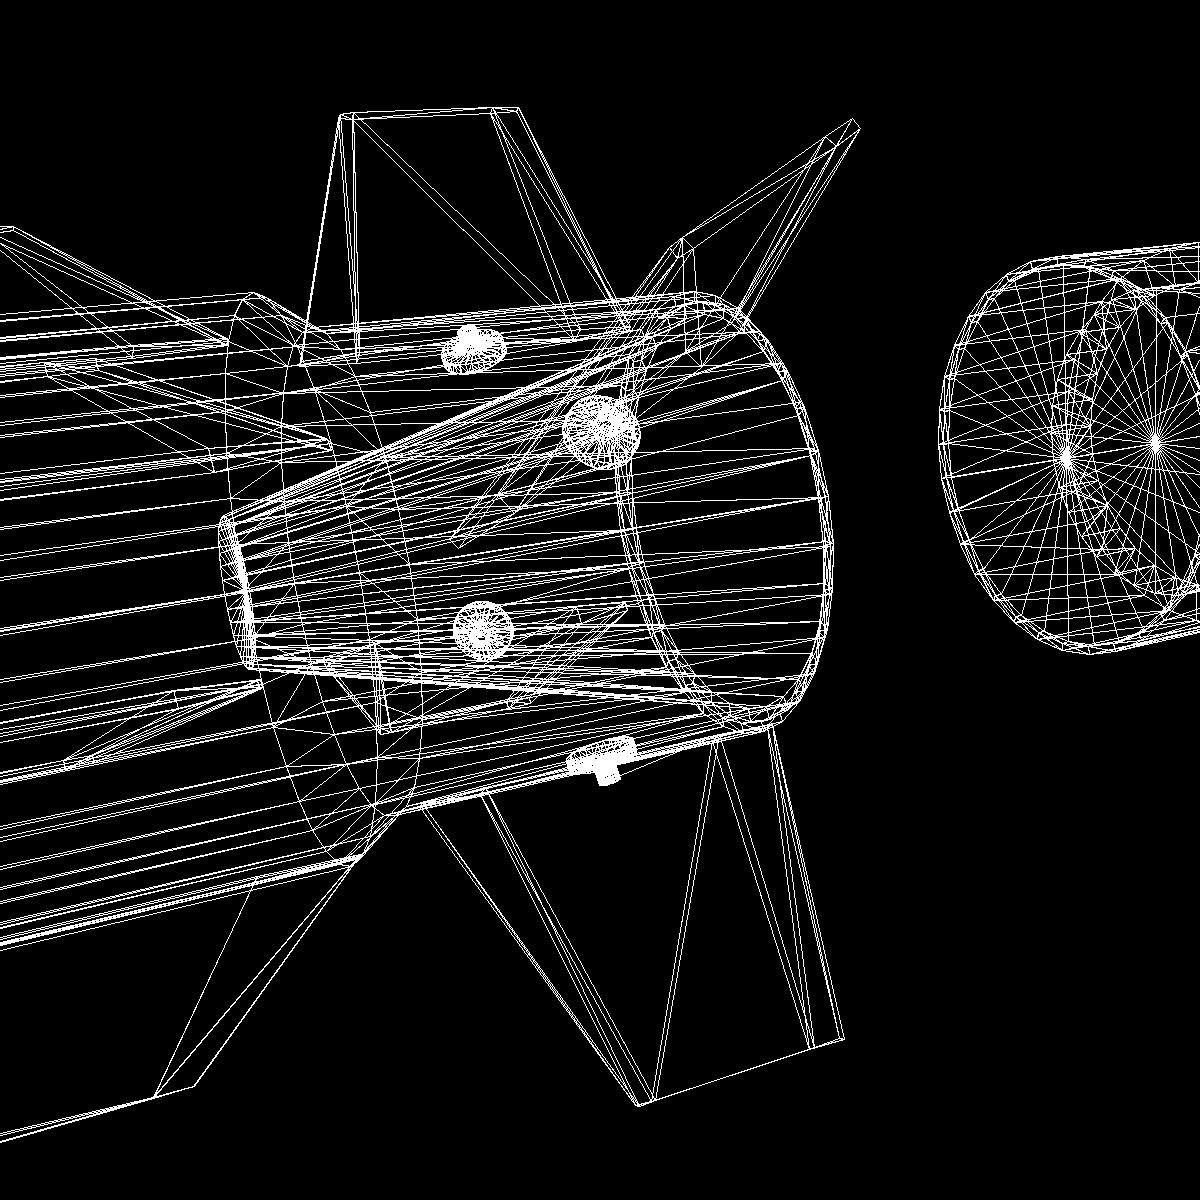 RIM-162 ESSM Missile 3d model 3ds dxf fbx blend cob dae X  obj 166034